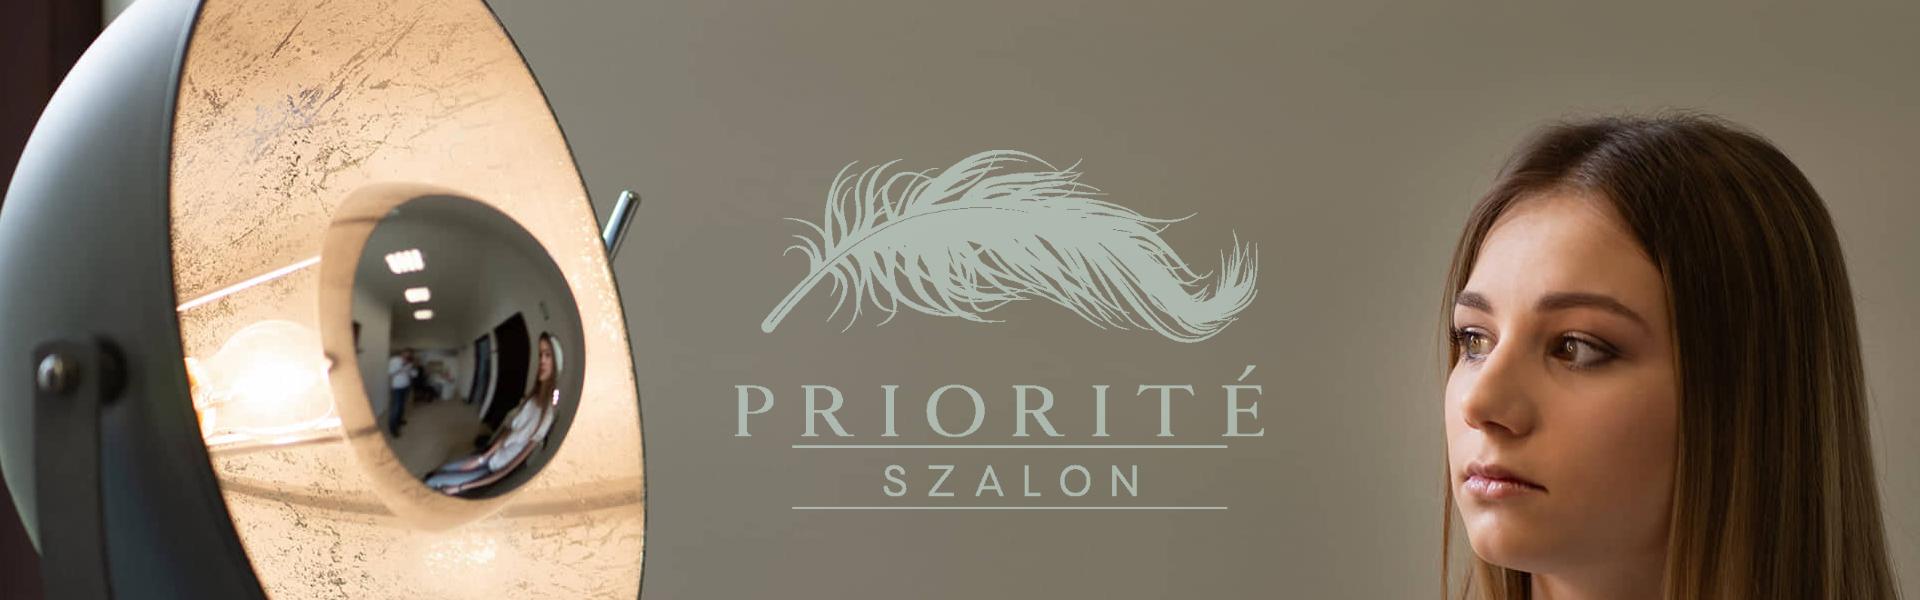 Priorité Szalon - Ahol a vendég az első